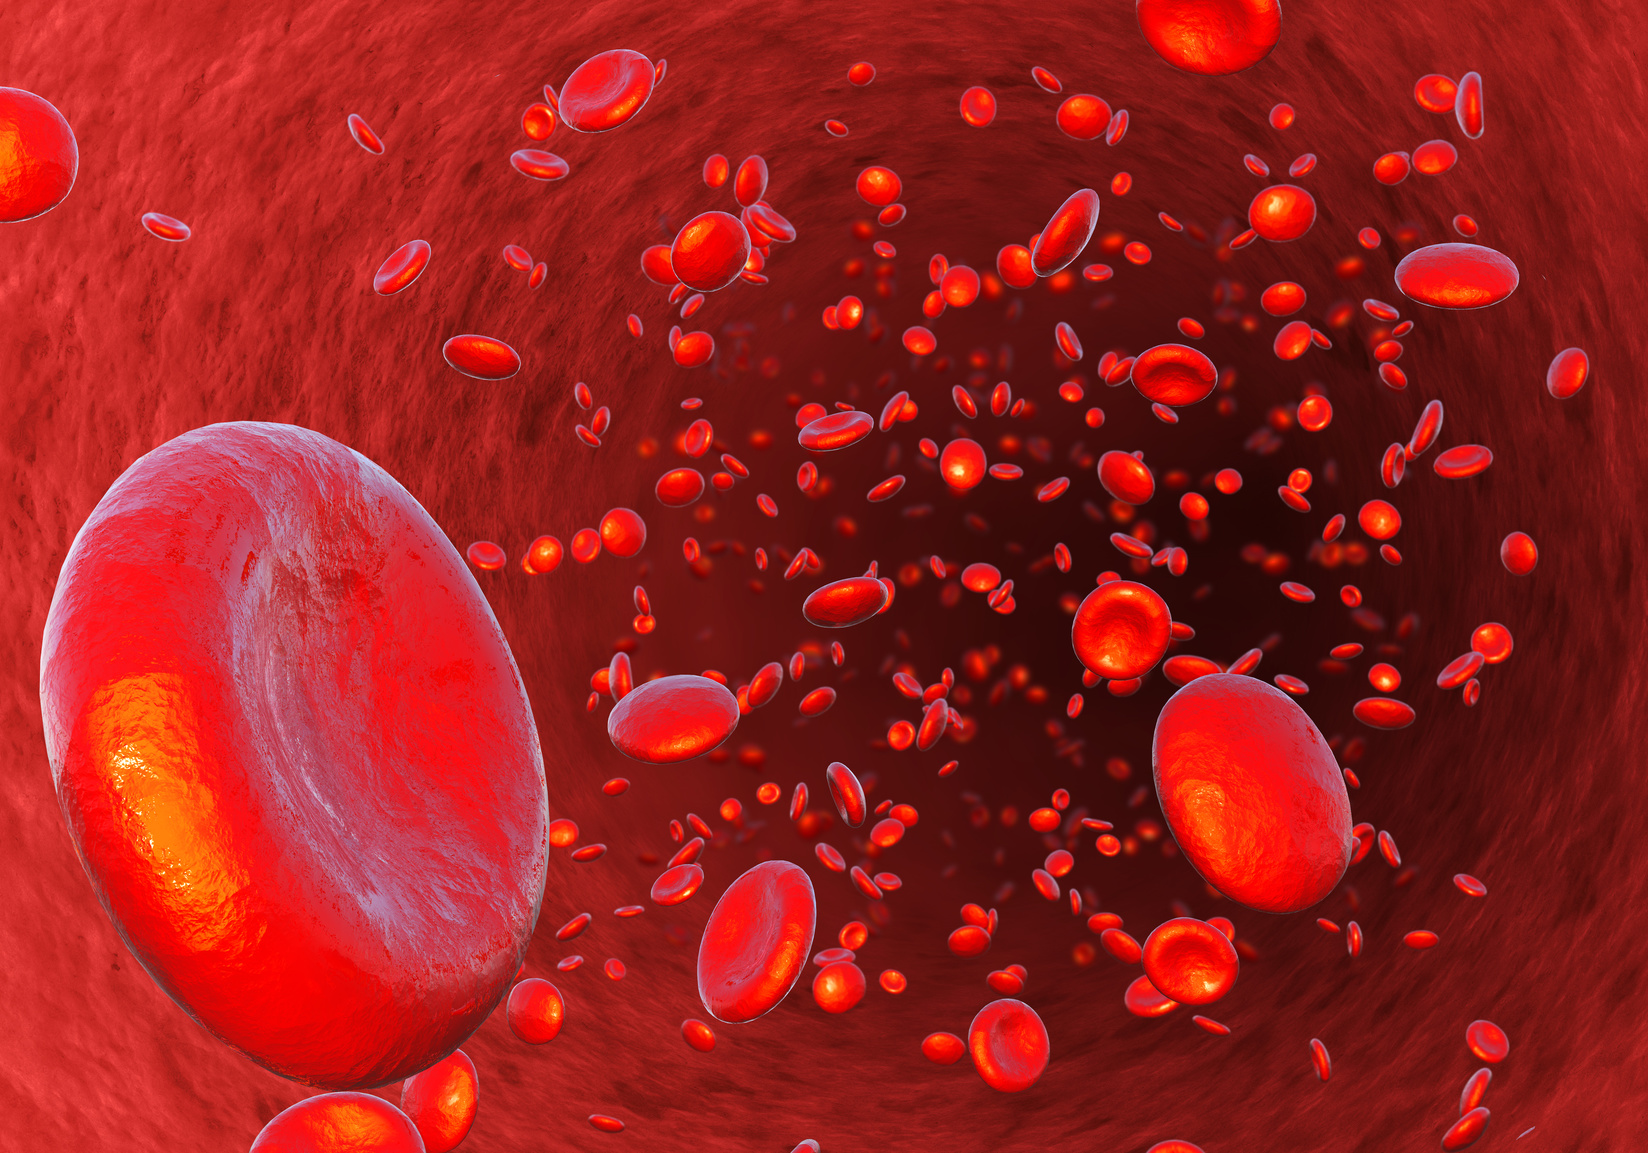 健康診断でヘモグロビンが低いという結果が出たら食生活を見直すと共に原因を調べて